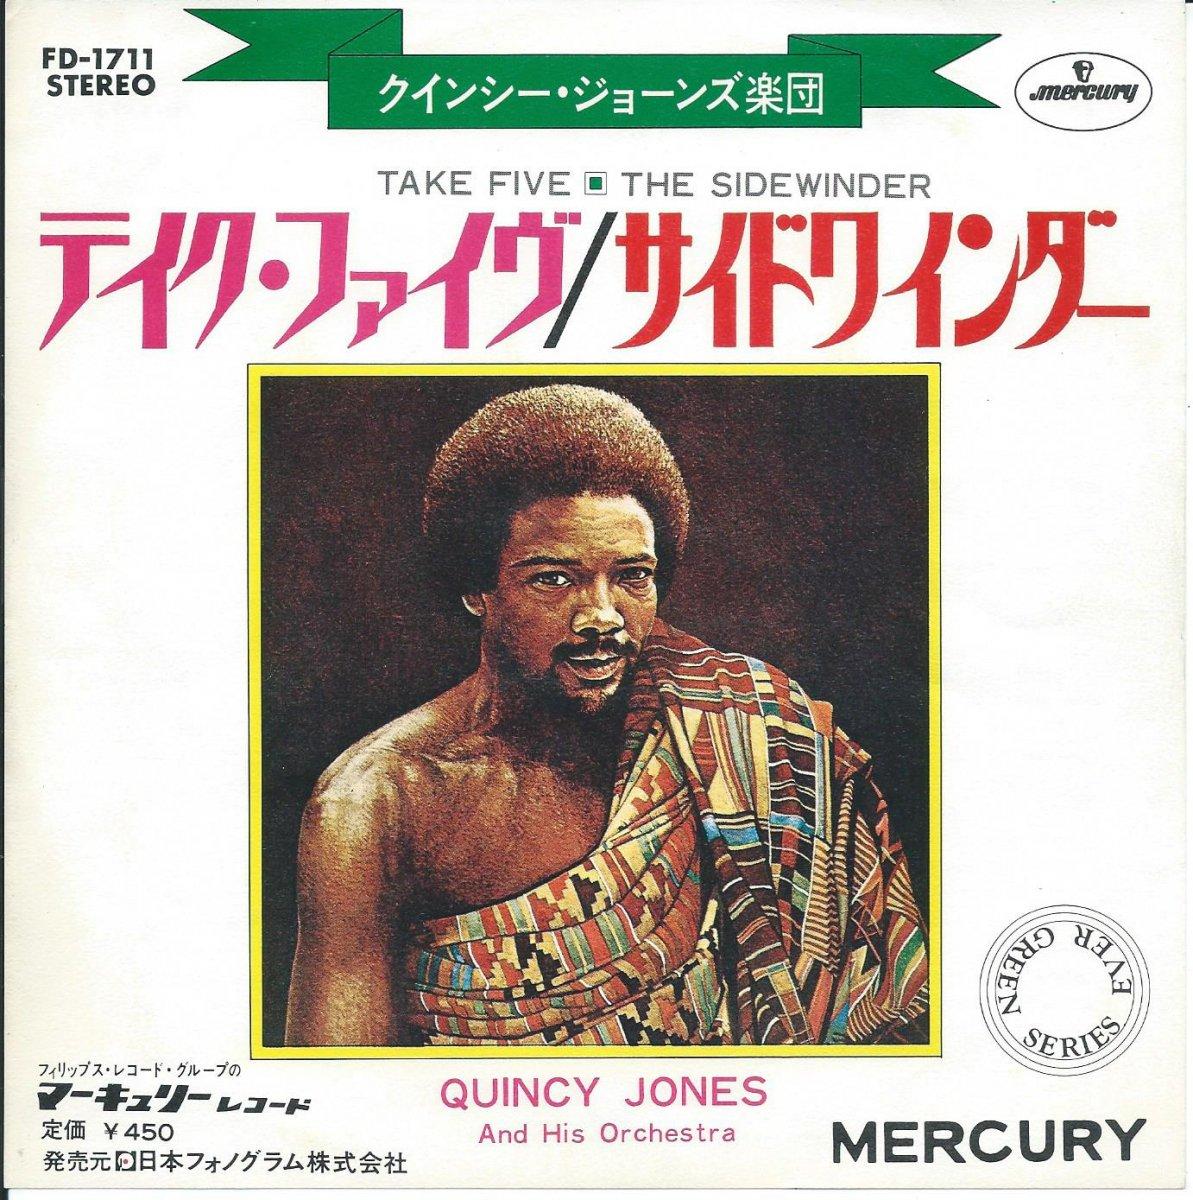 クインシー・ジョーンズ楽団 QUINCY JONES AND HIS ORCHESTRA / テイク・ファイヴ TAKE FIVE / サイドワインダー THE SIDEWINDER (7